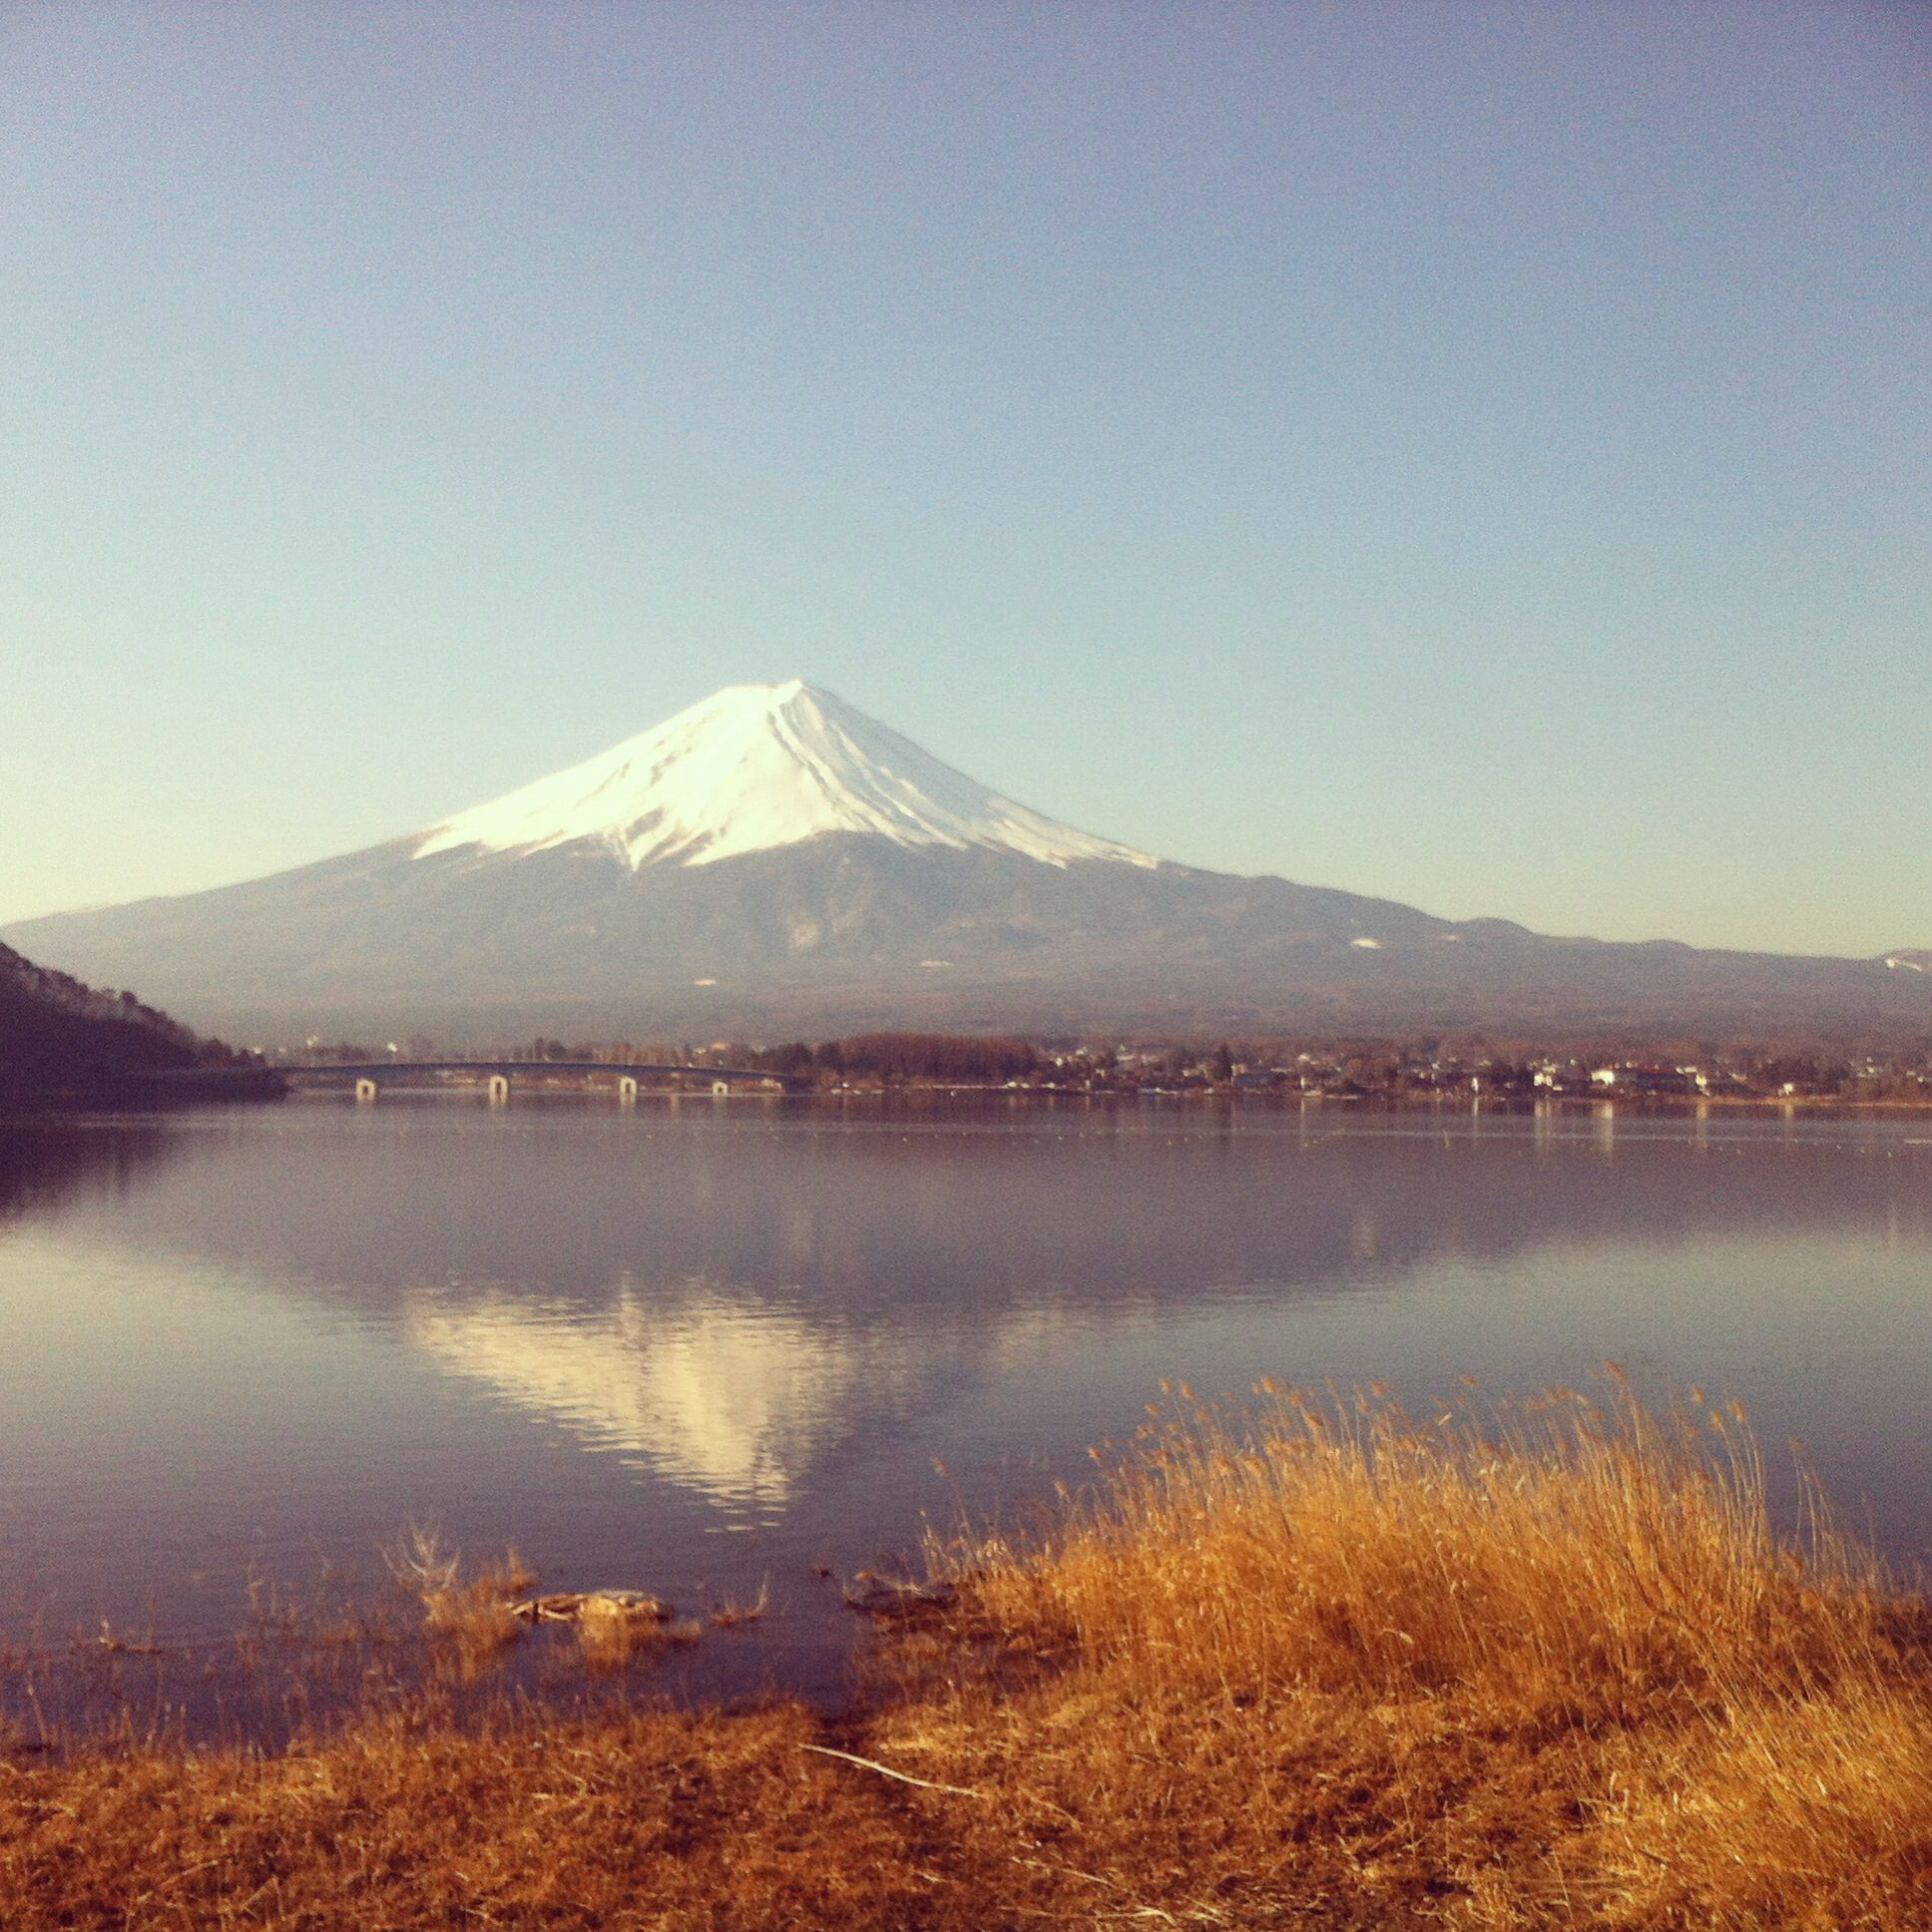 Mt. fuji kawaguchiko